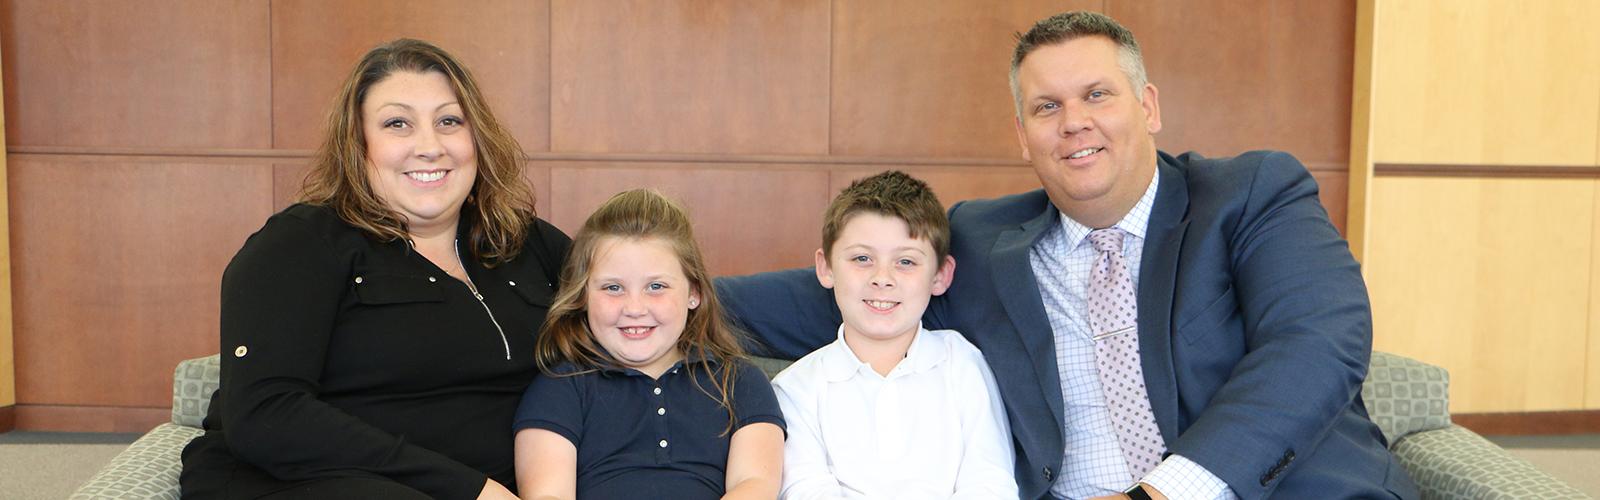 Scott Kornstedt and family